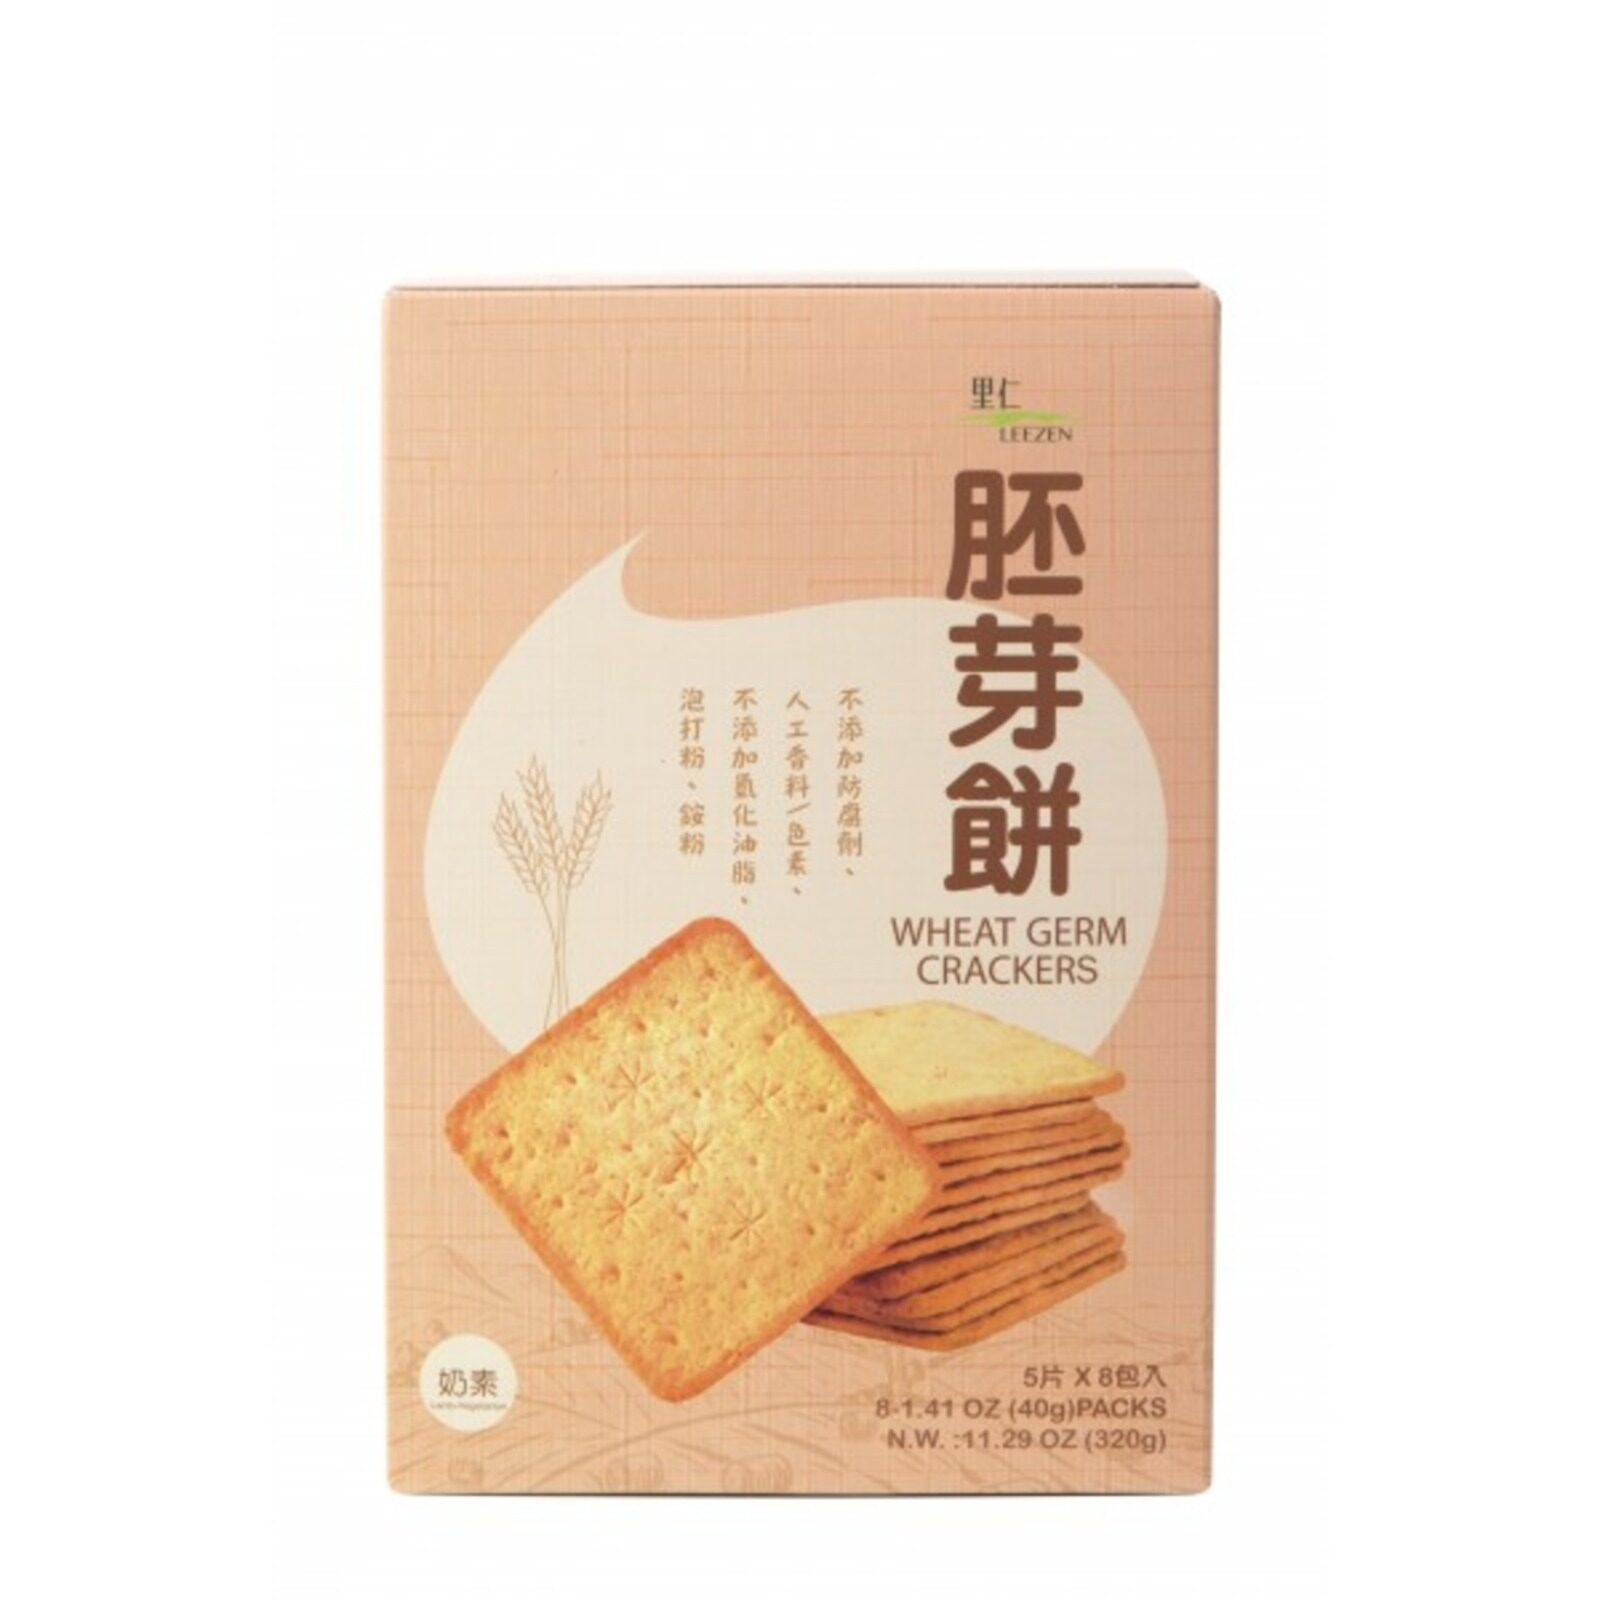 Leezen Wheat Germ Crackers 320G